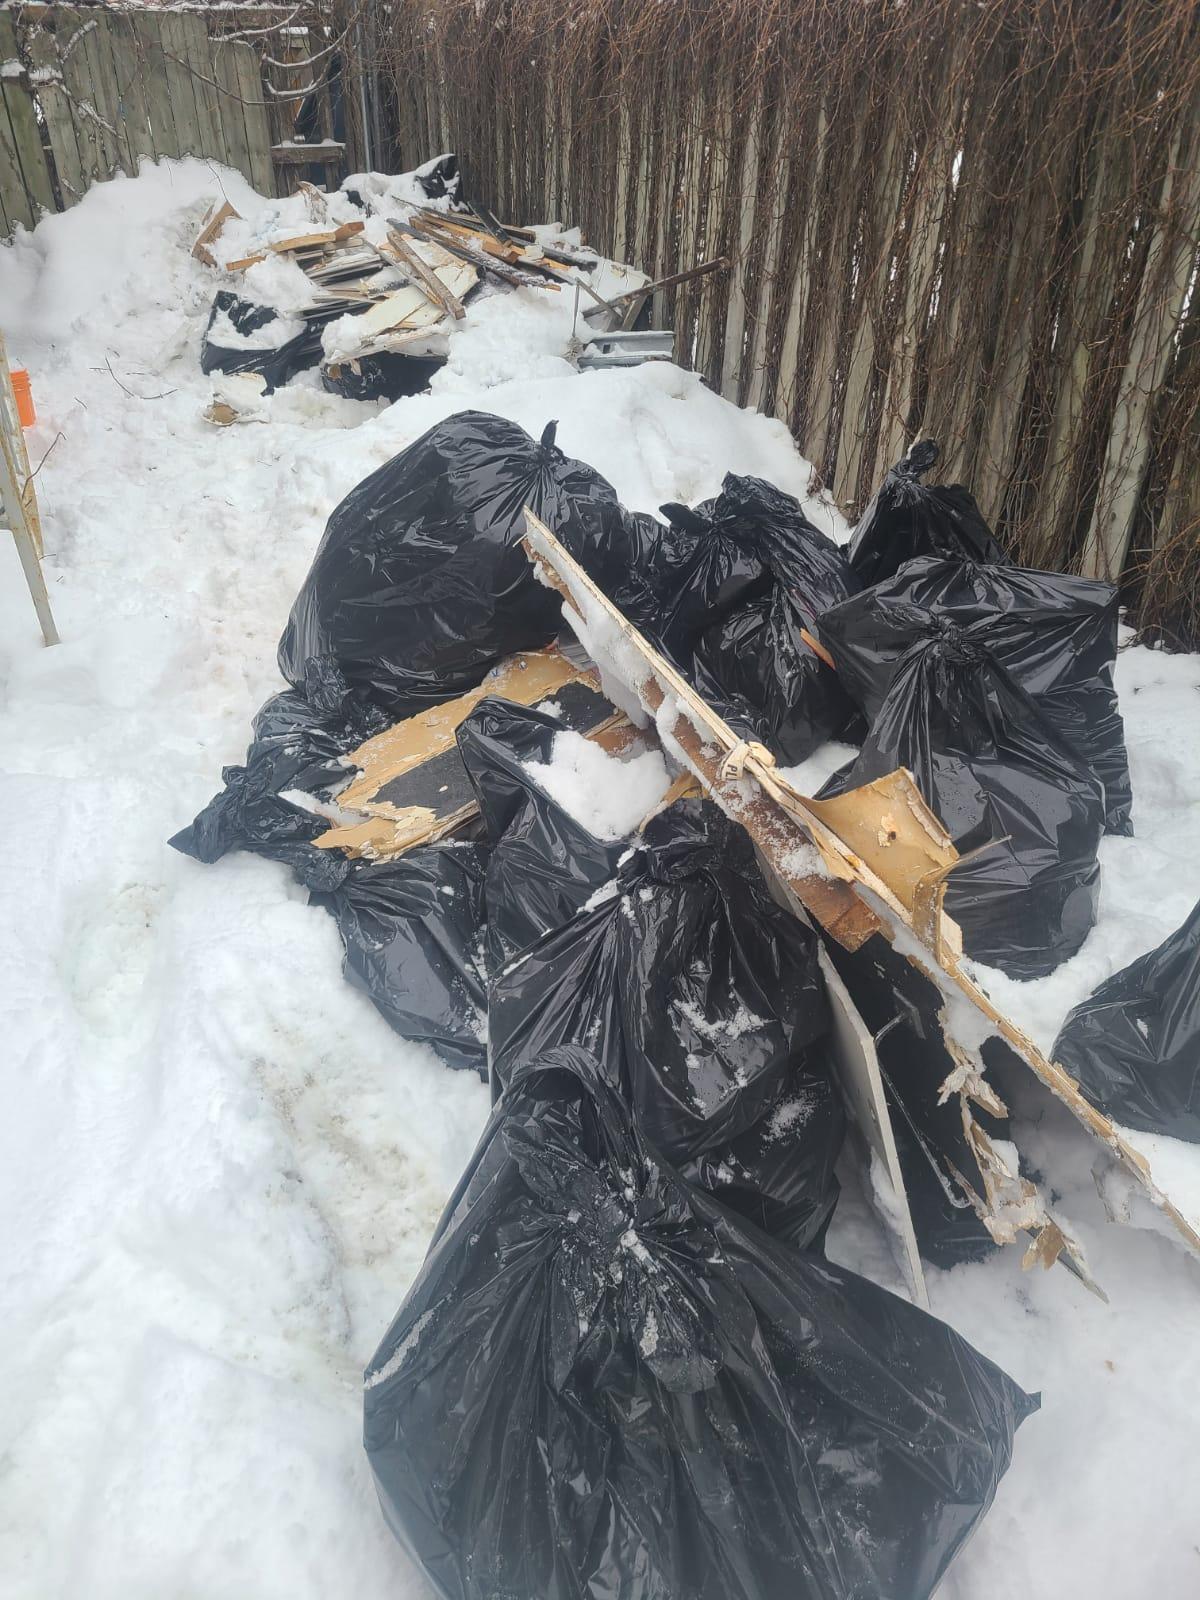 Junk Removal in Ottawa Canada